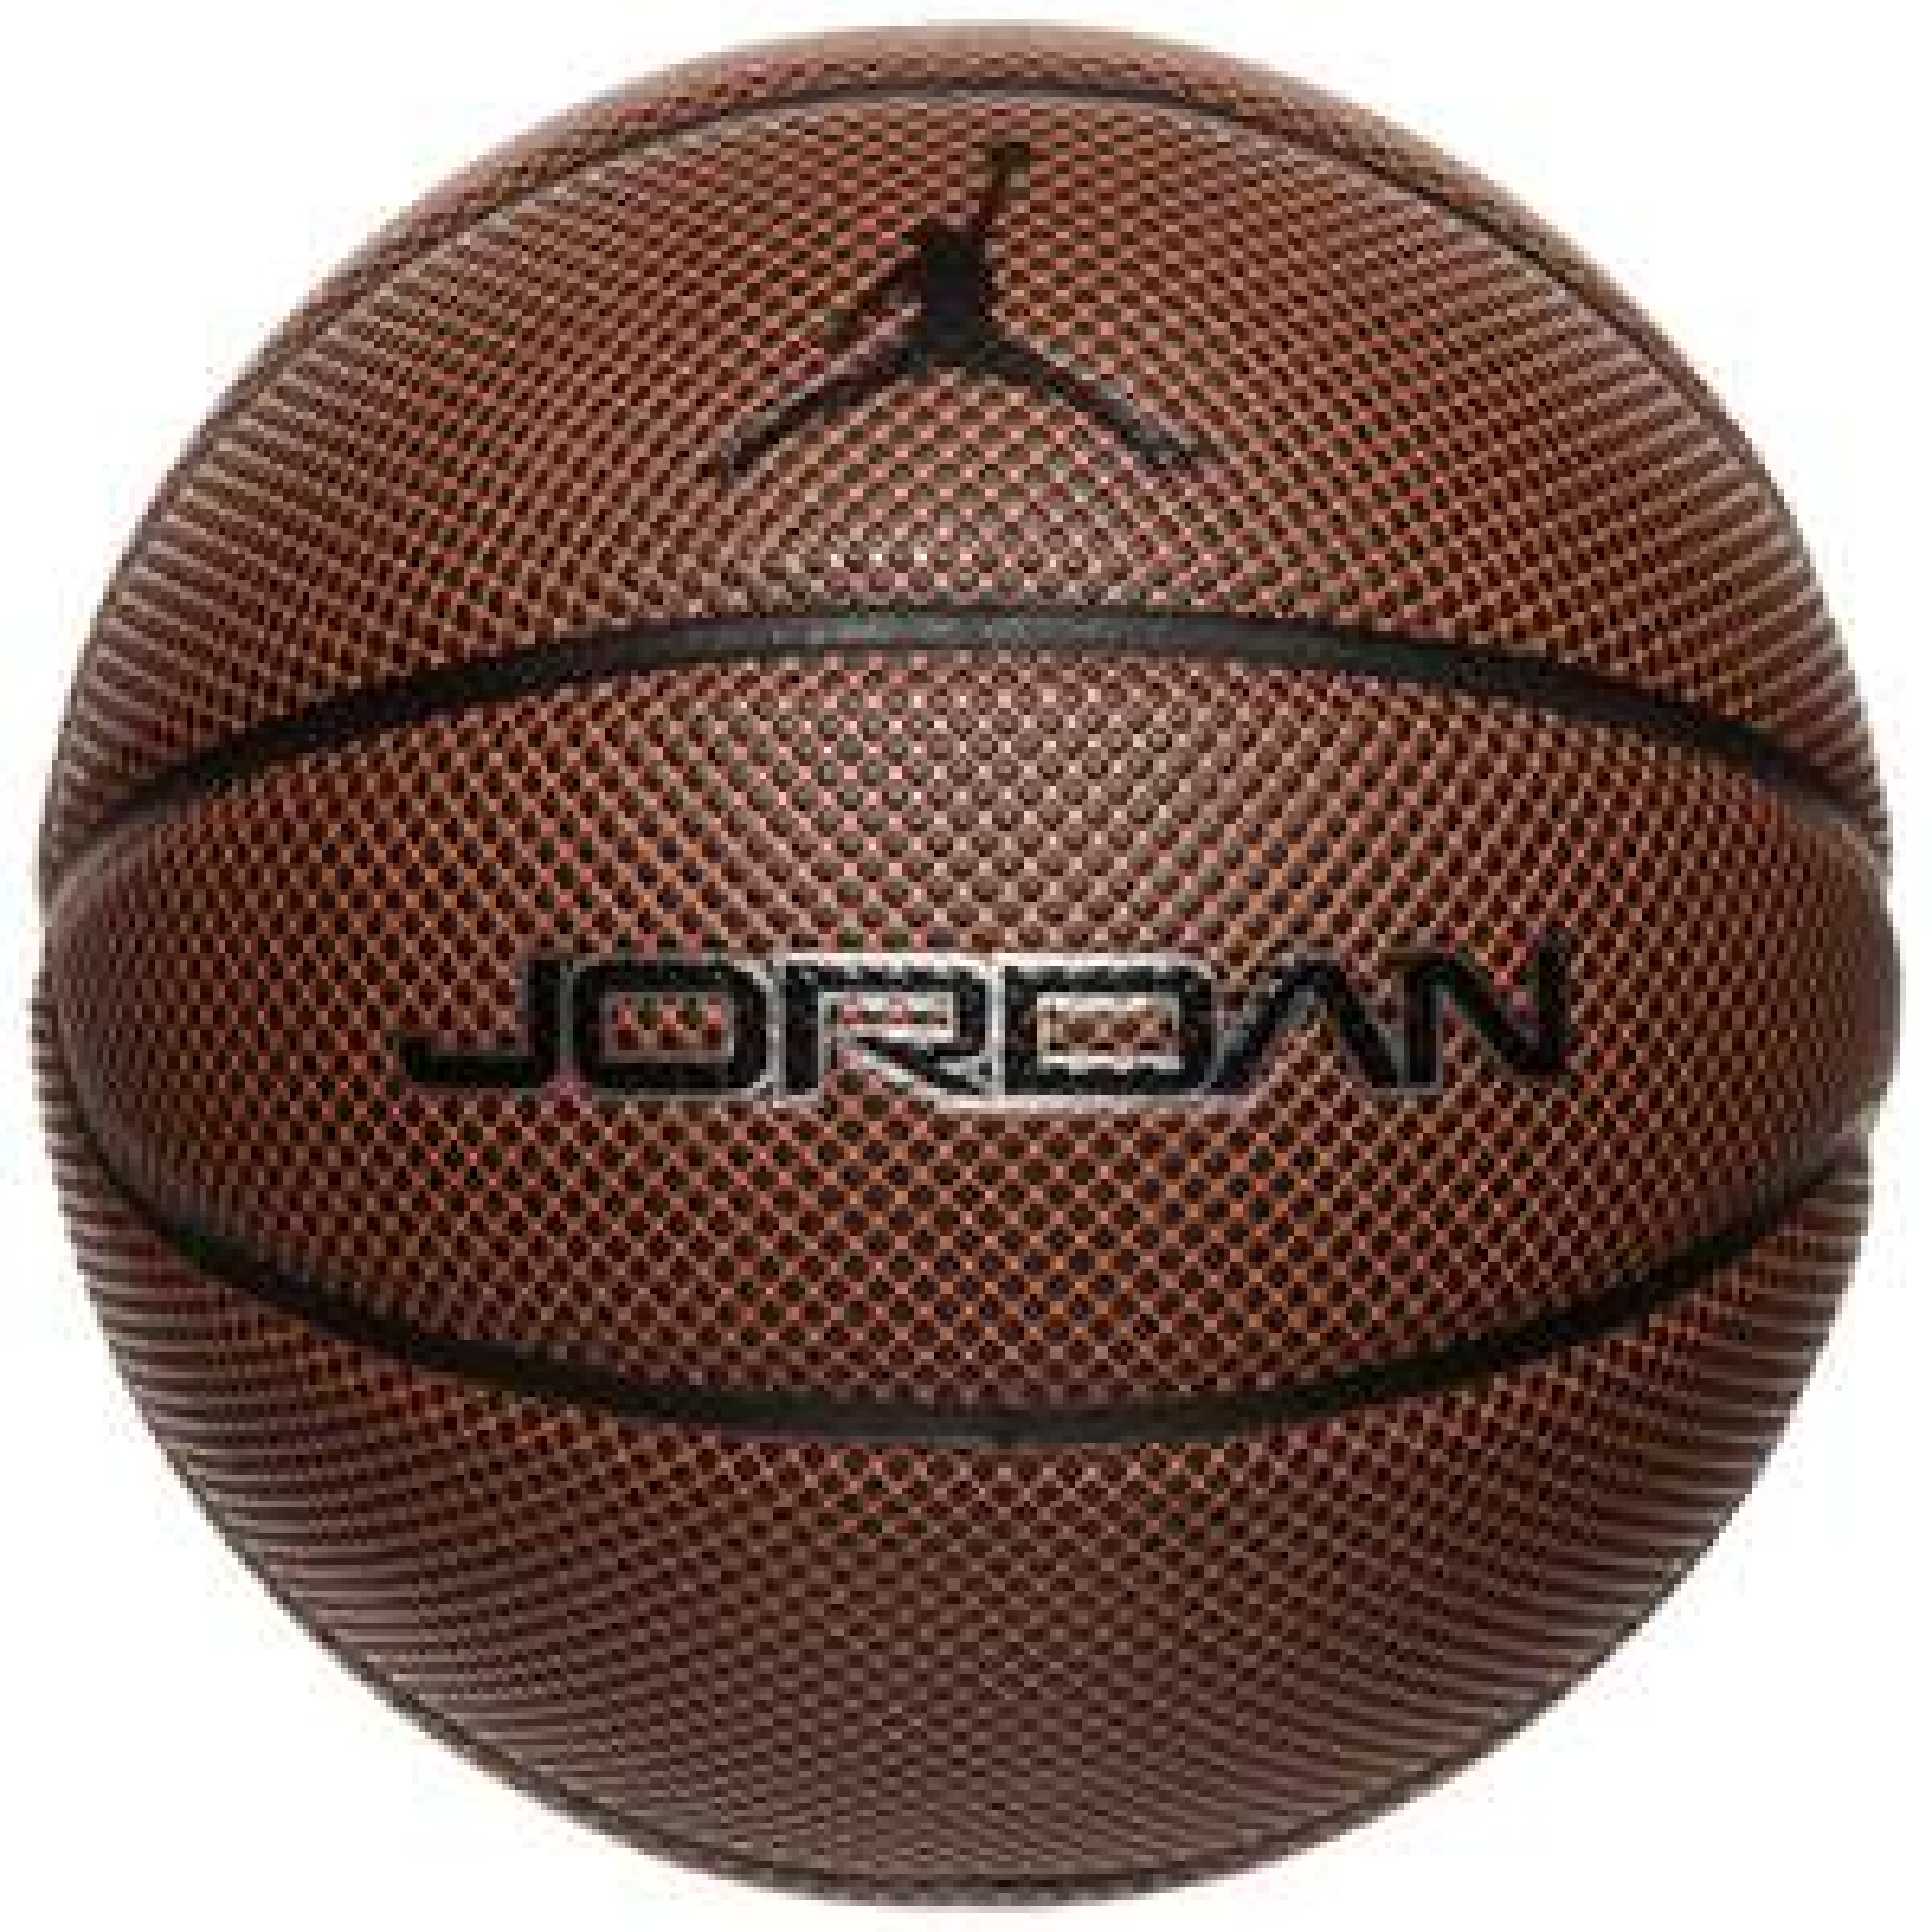 [Ballside] -30% mit Gutscheincode STAYHOME auf ausgewählte Artikel z. B. Jordan Legancy 8P Basketball